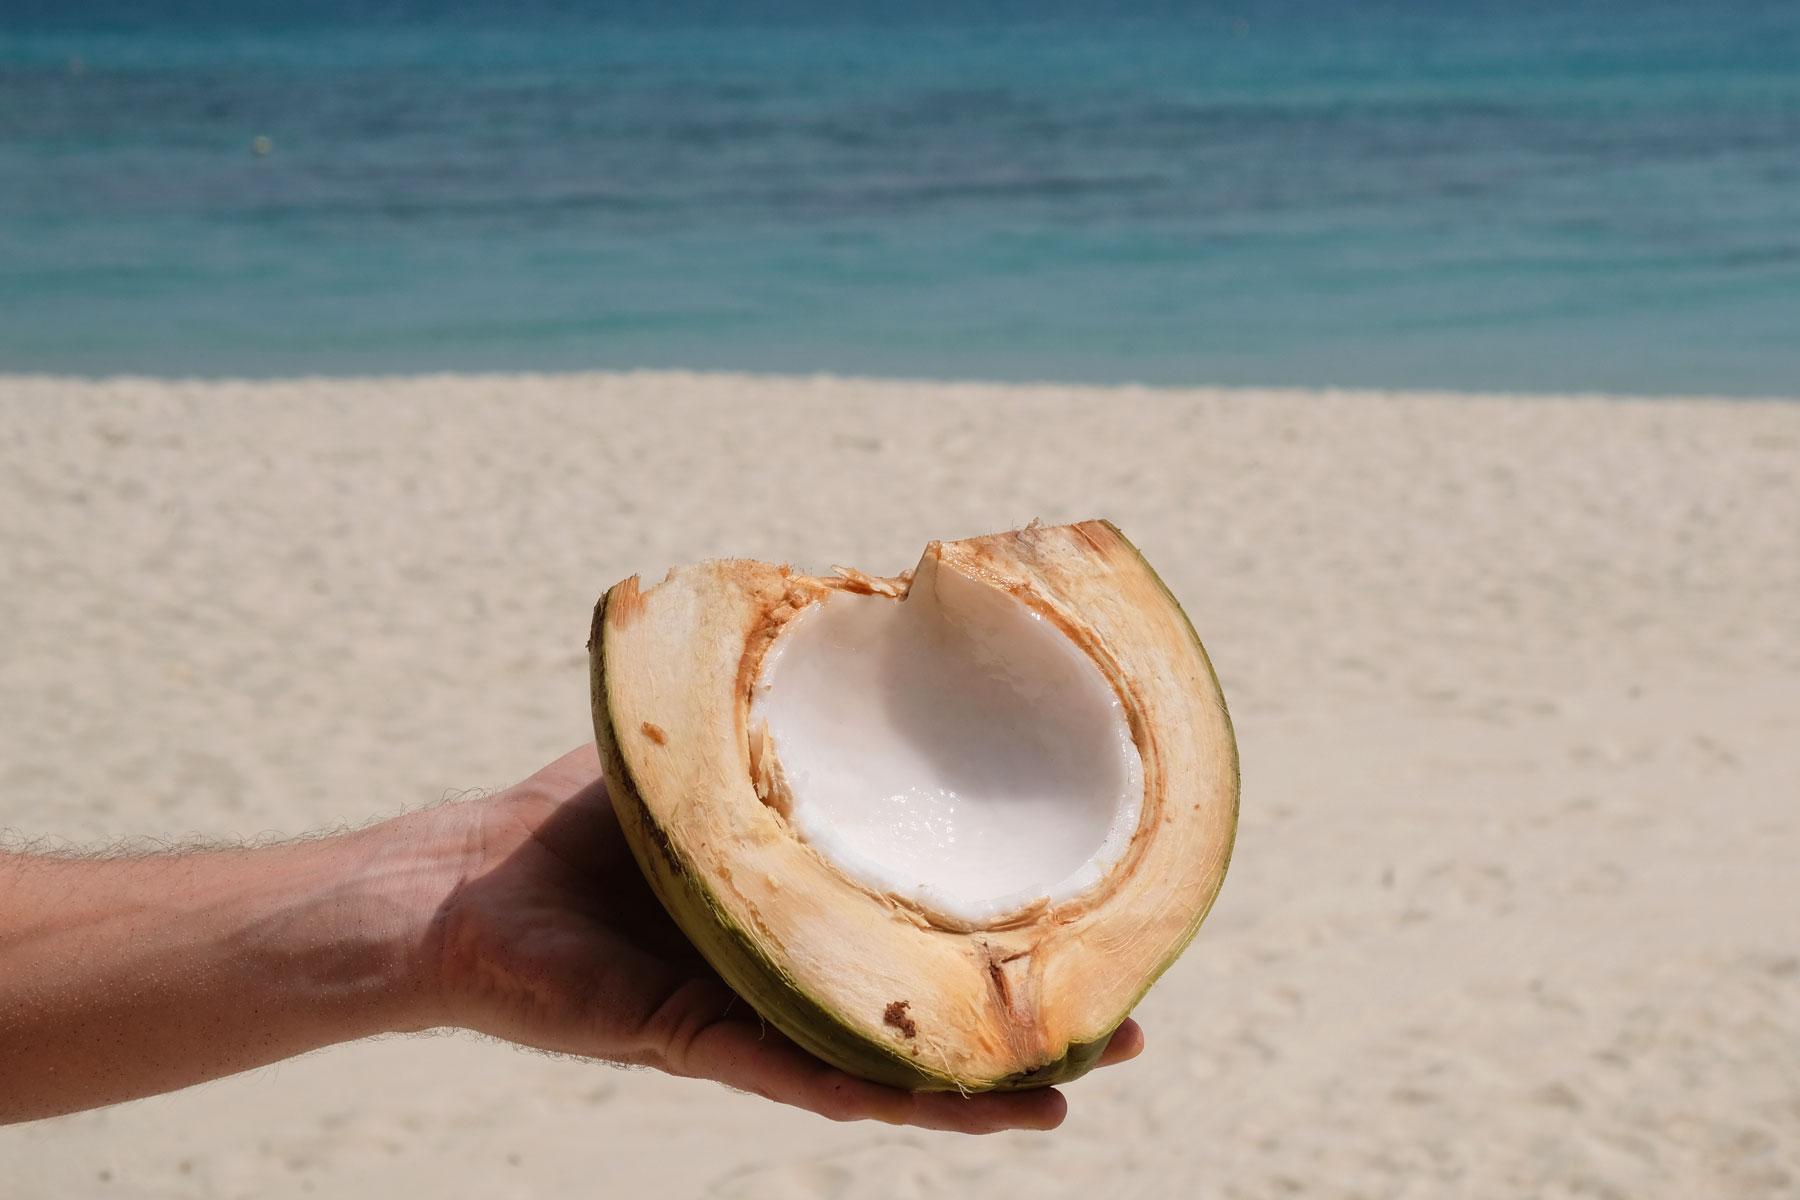 Eine halbe Kokosnuss wird von einer Hand gehalten